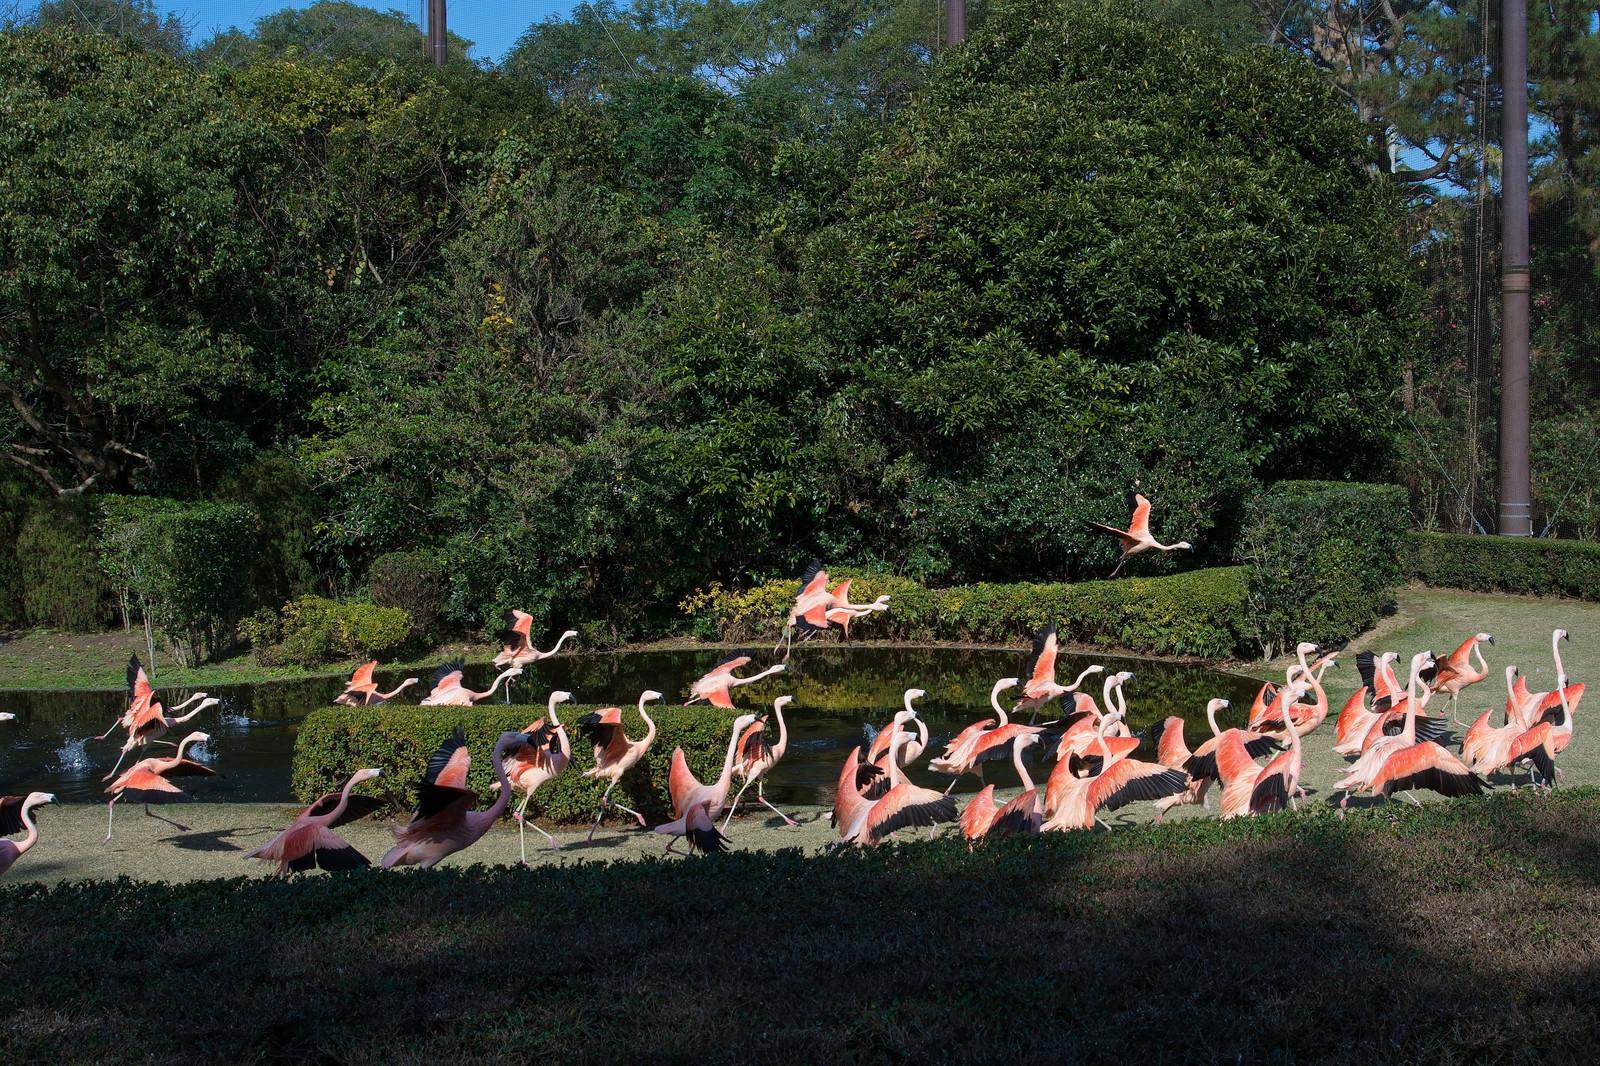 「フラミンゴの群れ(フェニックス自然動物園)」の写真